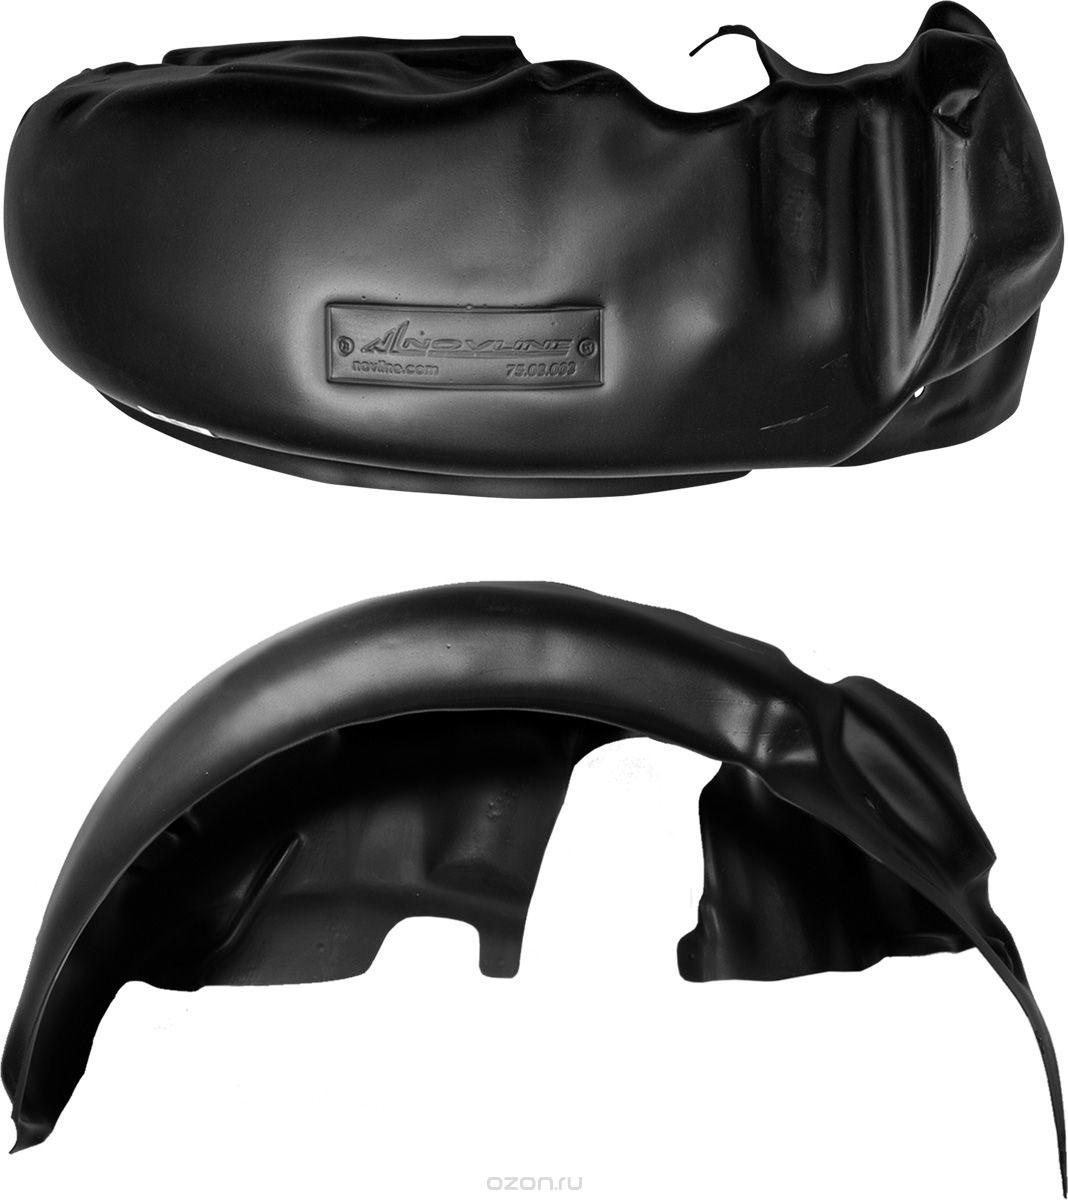 Подкрылок Novline-Autofamily, для DONGFENG H30, 03/2014->, Хэтчбек, передний правыйVCA-00Идеальная защита колесной ниши. Локеры разработаны с применением цифровых технологий, гарантируют максимальную повторяемость поверхности арки. Изделия устанавливаются без нарушения лакокрасочного покрытия автомобиля, каждый подкрылок комплектуется крепежом. Уважаемые клиенты, обращаем ваше внимание, что фотографии на подкрылки универсальные и не отражают реальную форму изделия. При этом само изделие идет точно под размер указанного автомобиля.